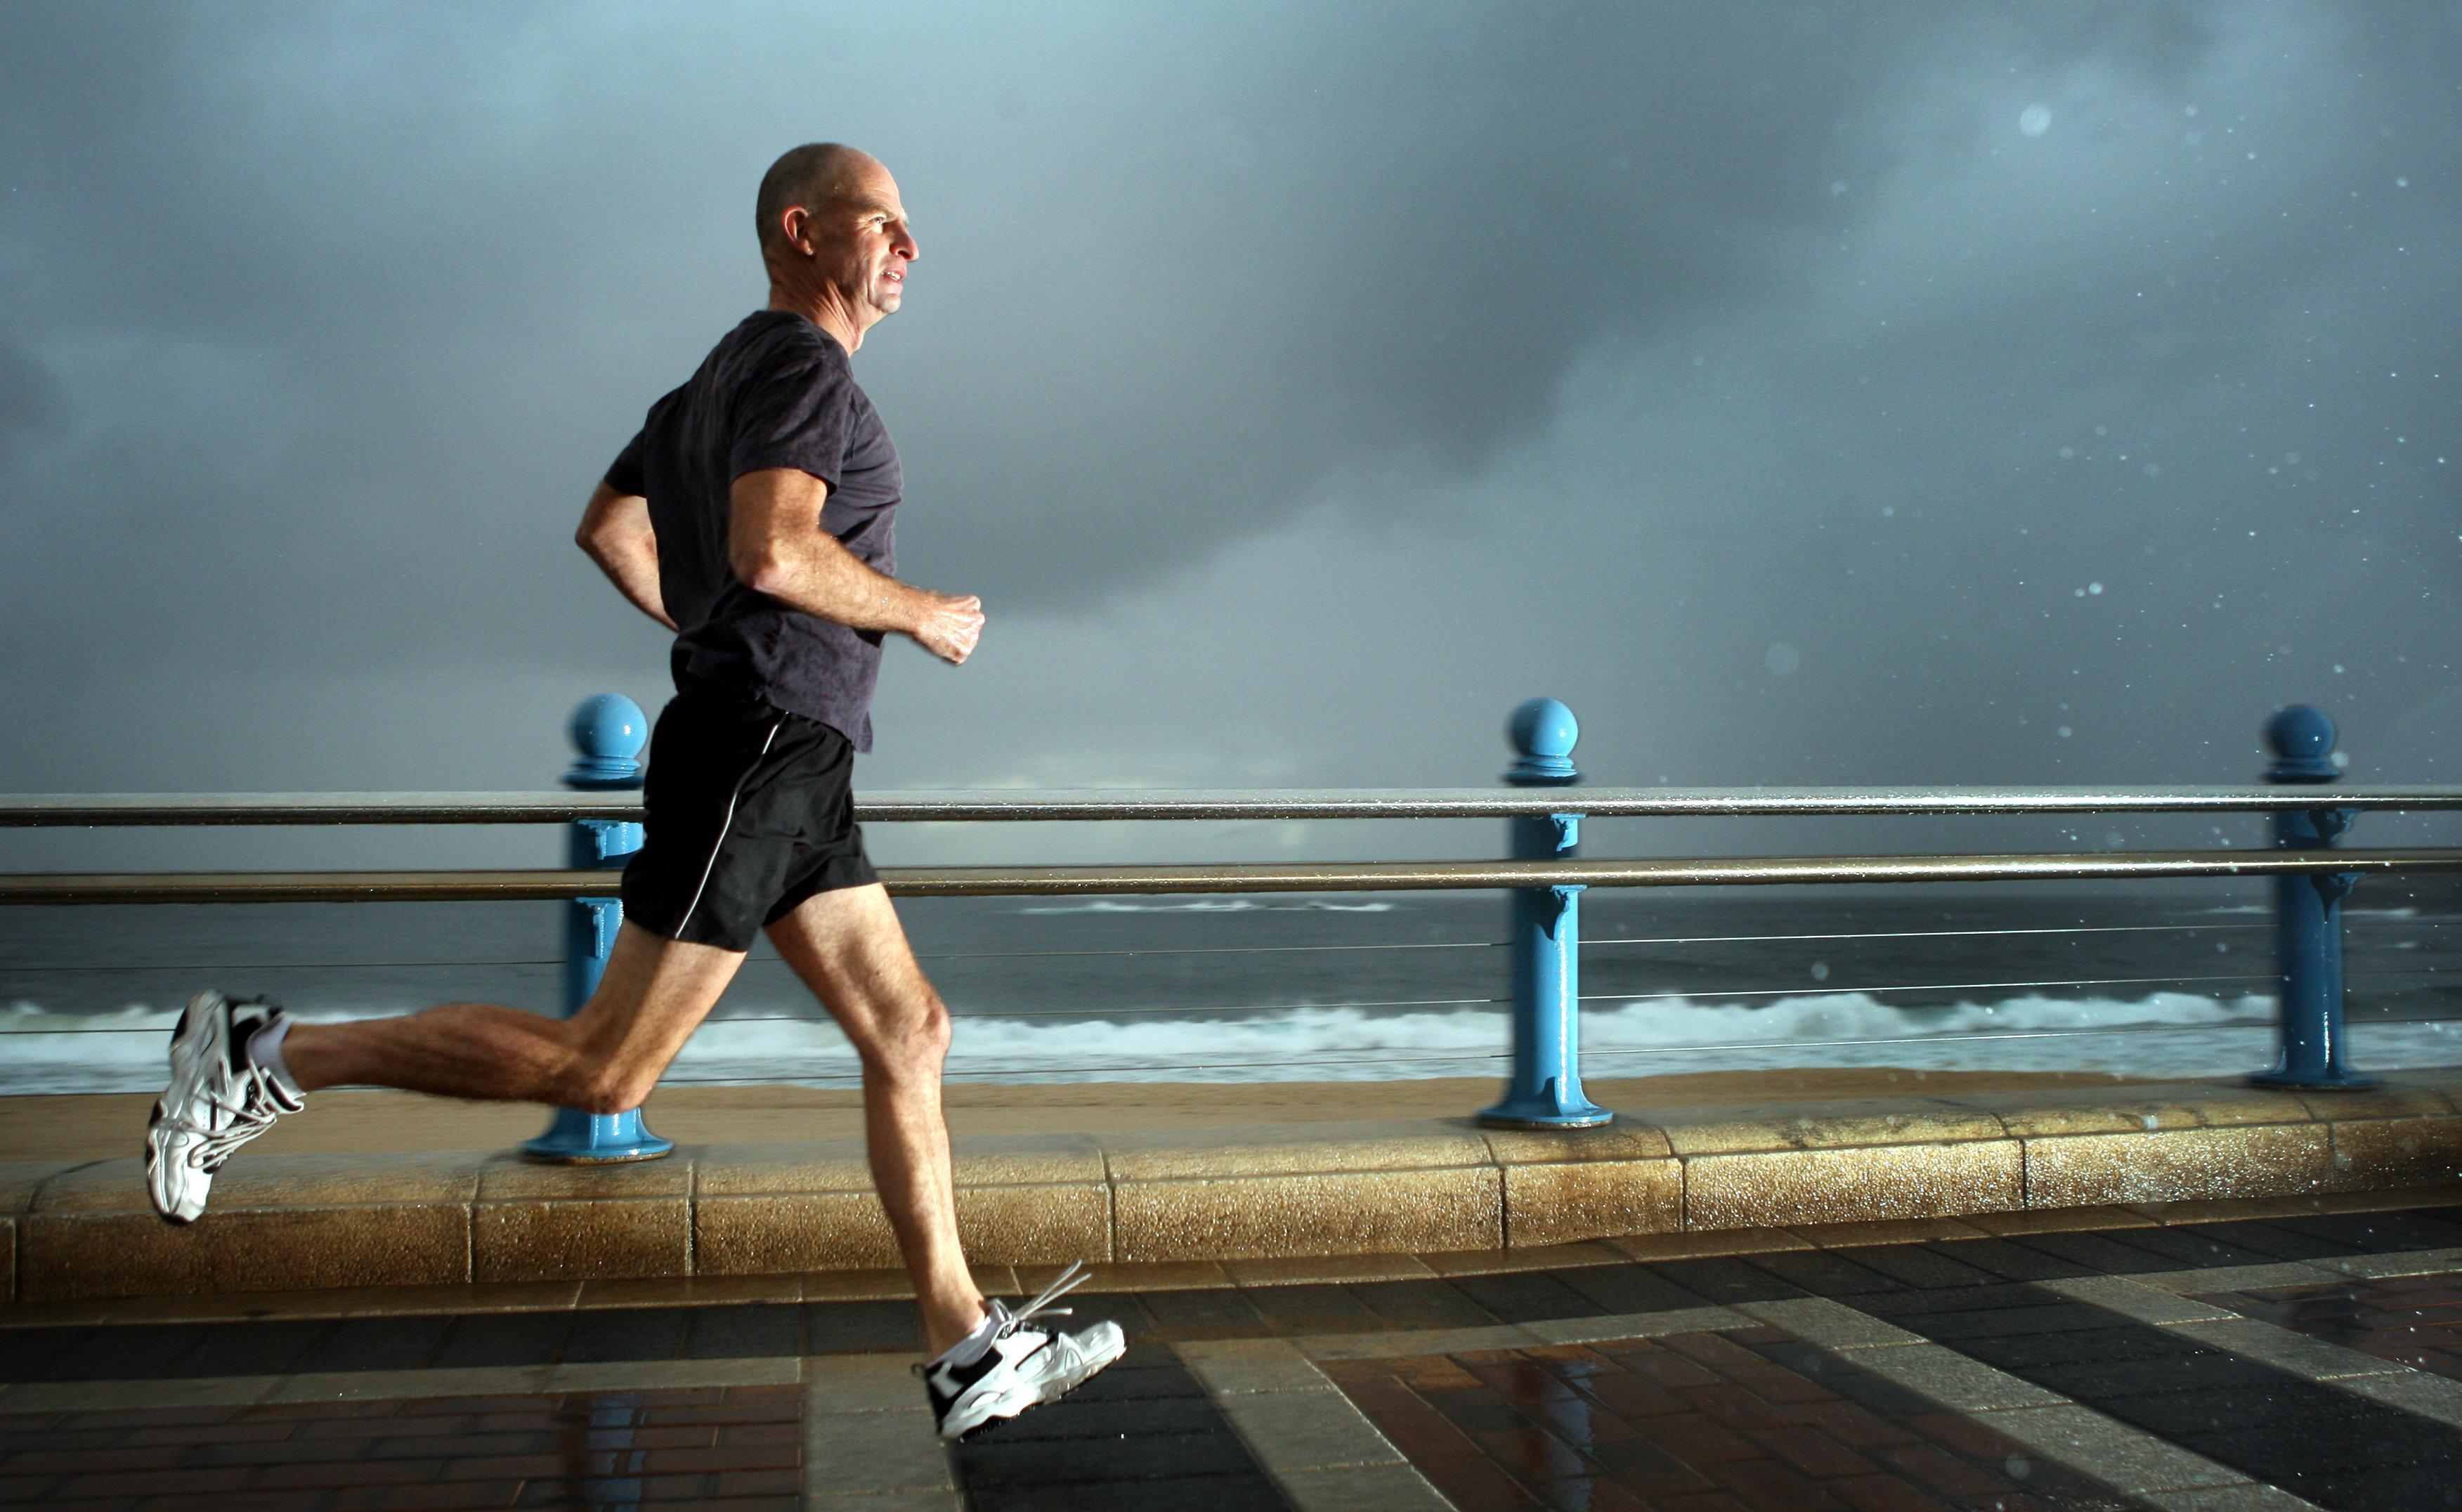 Diabetes  prática de exercícios físicos ajuda no tratamento da doença - eu  atleta  2d7cbf7e4aca4